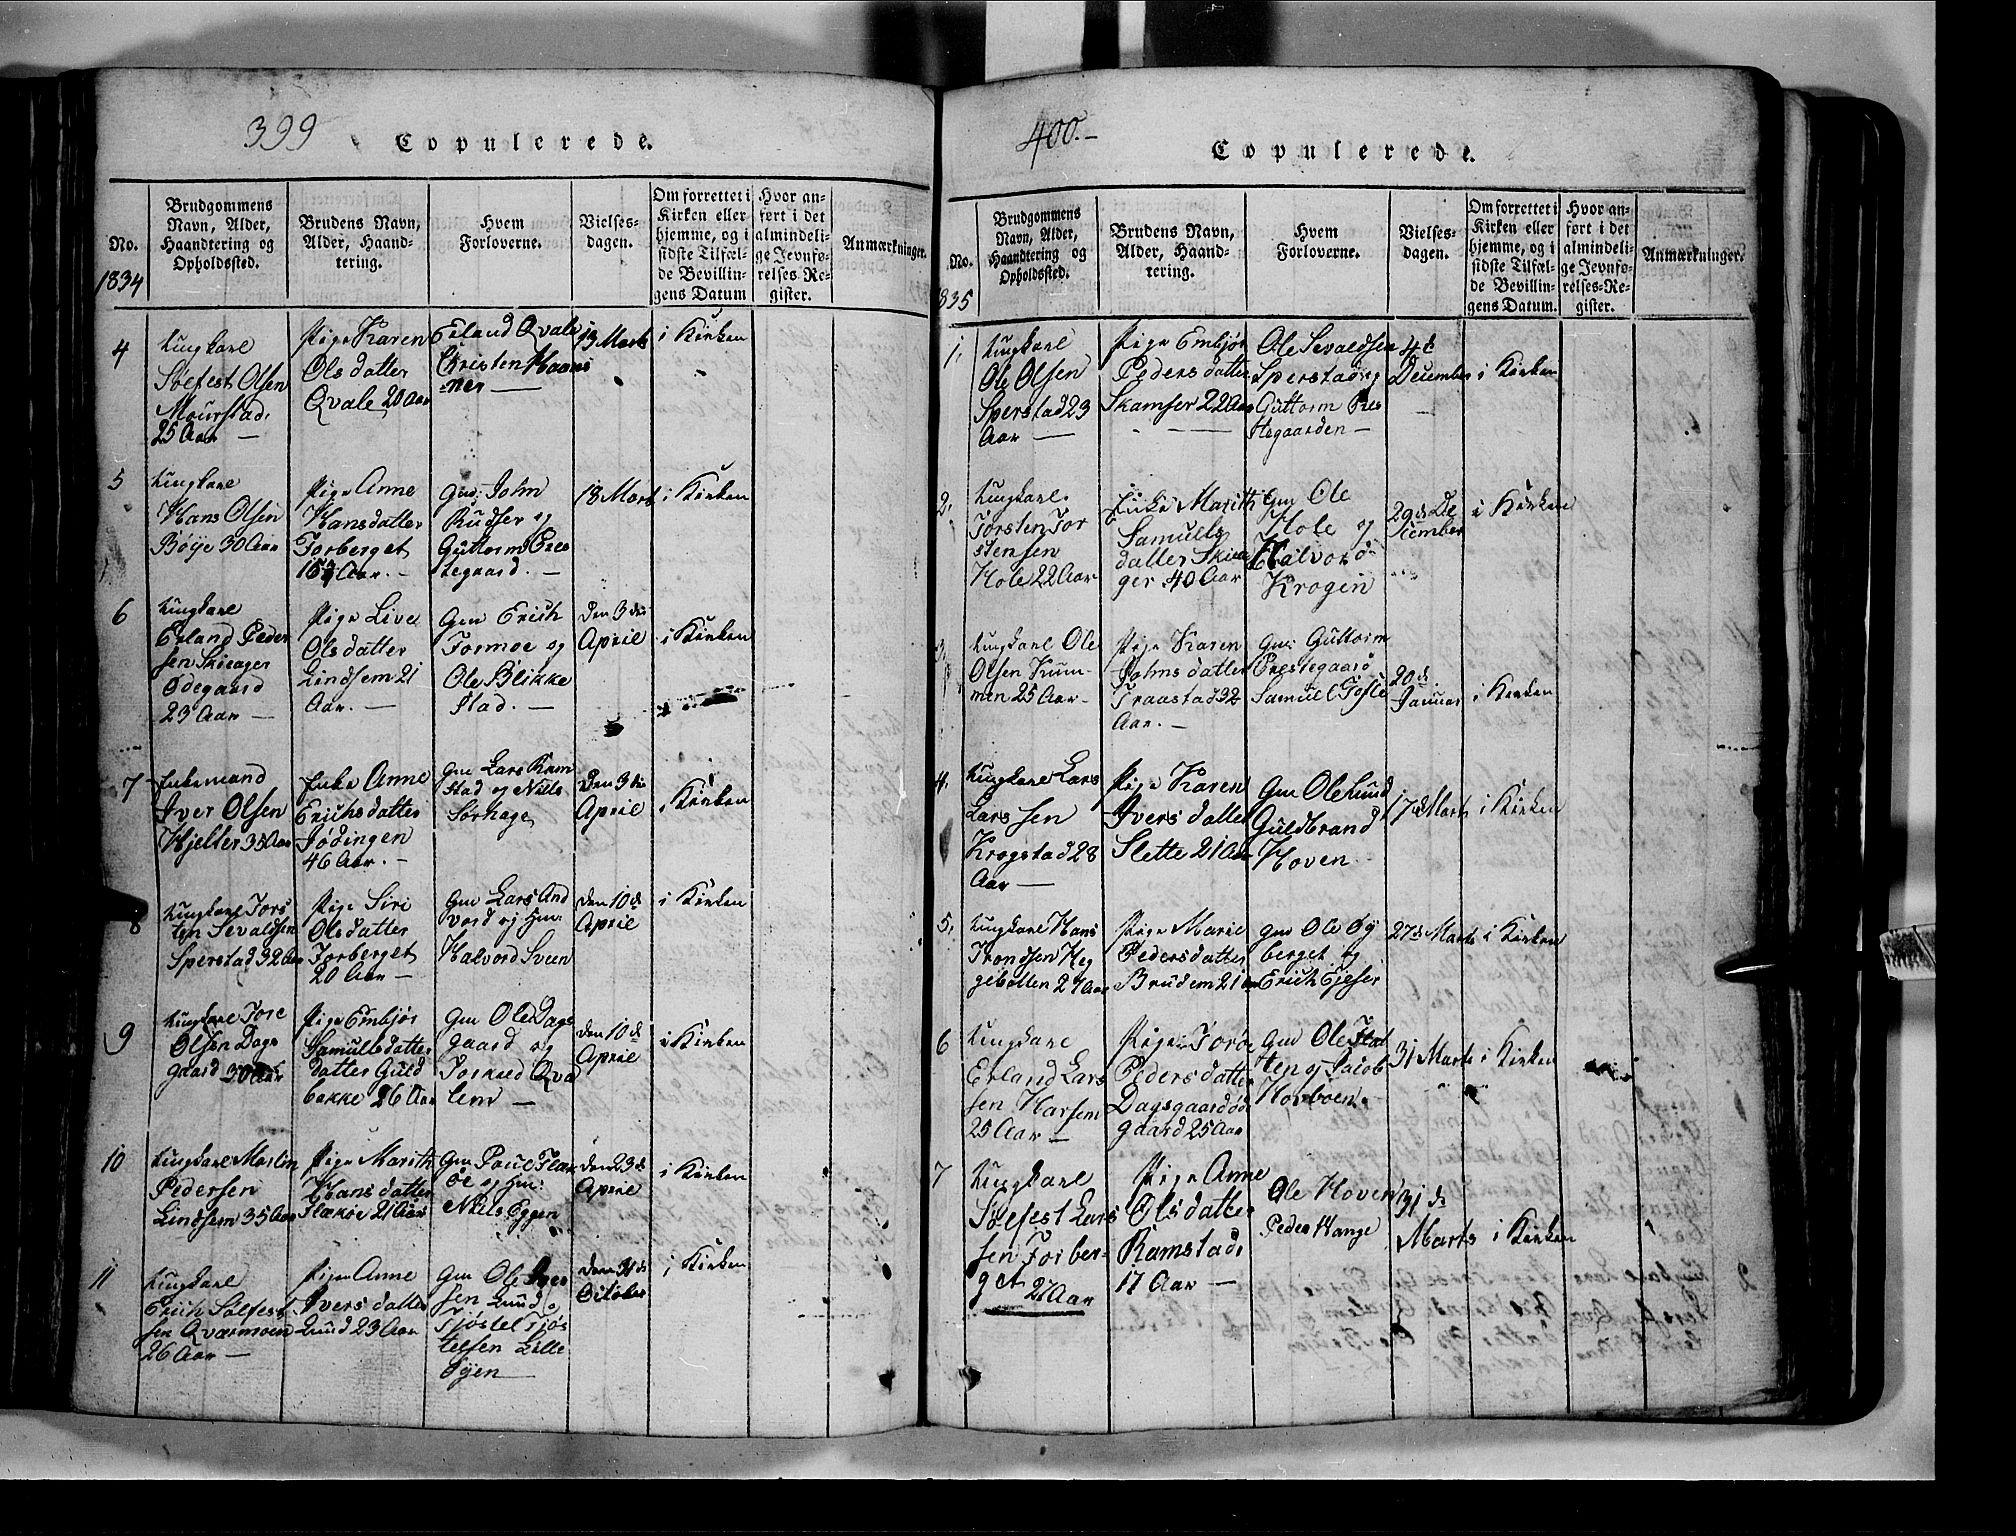 SAH, Lom prestekontor, L/L0003: Klokkerbok nr. 3, 1815-1844, s. 399-400